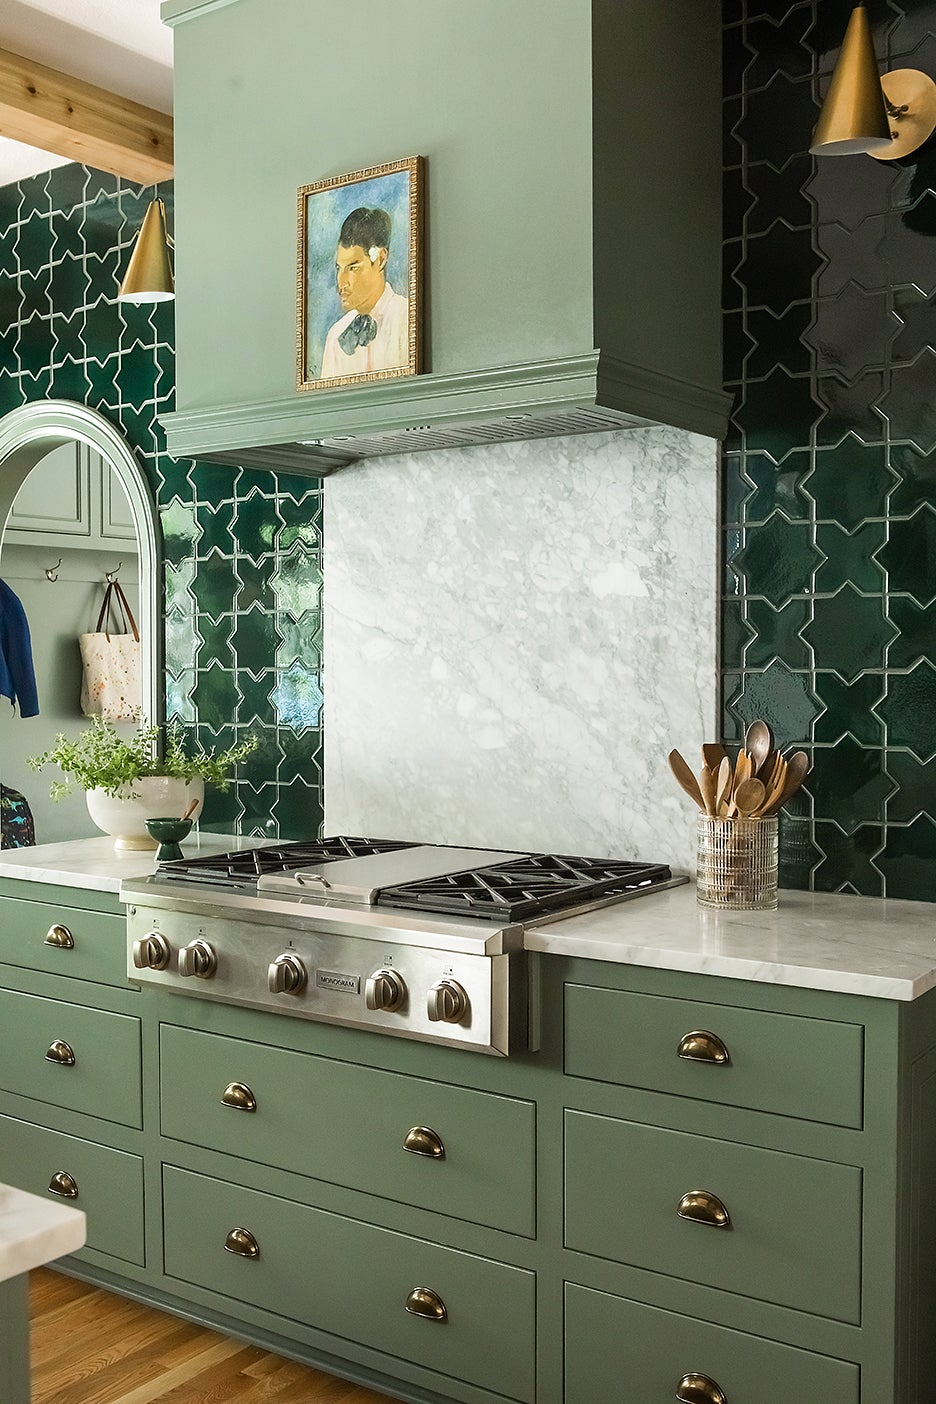 range with marble backsplash